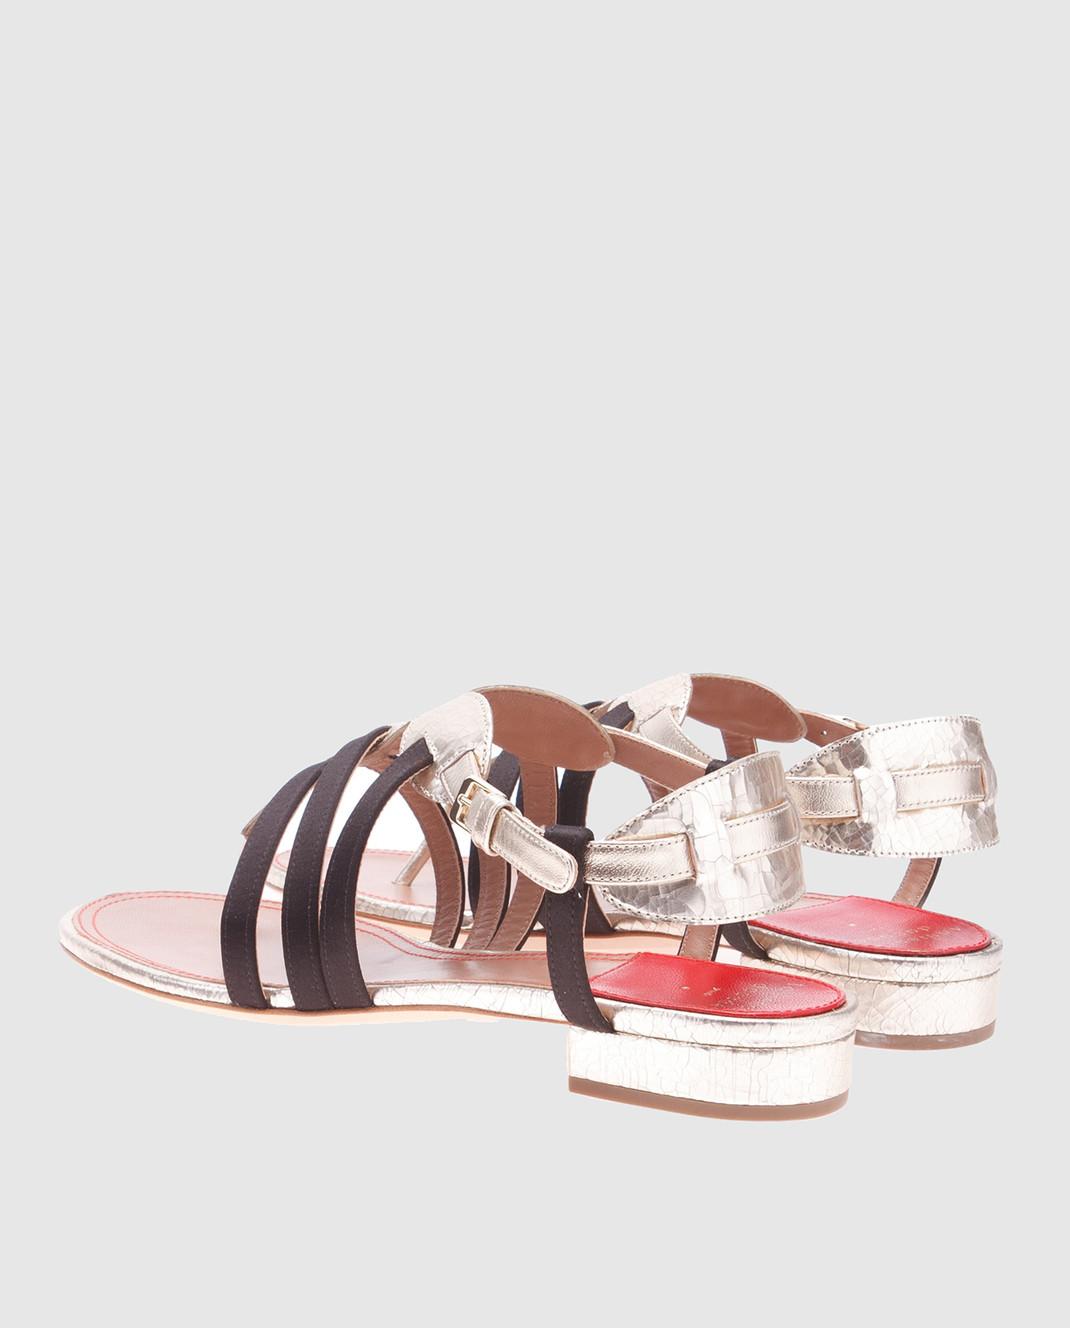 Laurence Dacade Золотистые кожаные сандалии Renin RENINCRACKED изображение 3